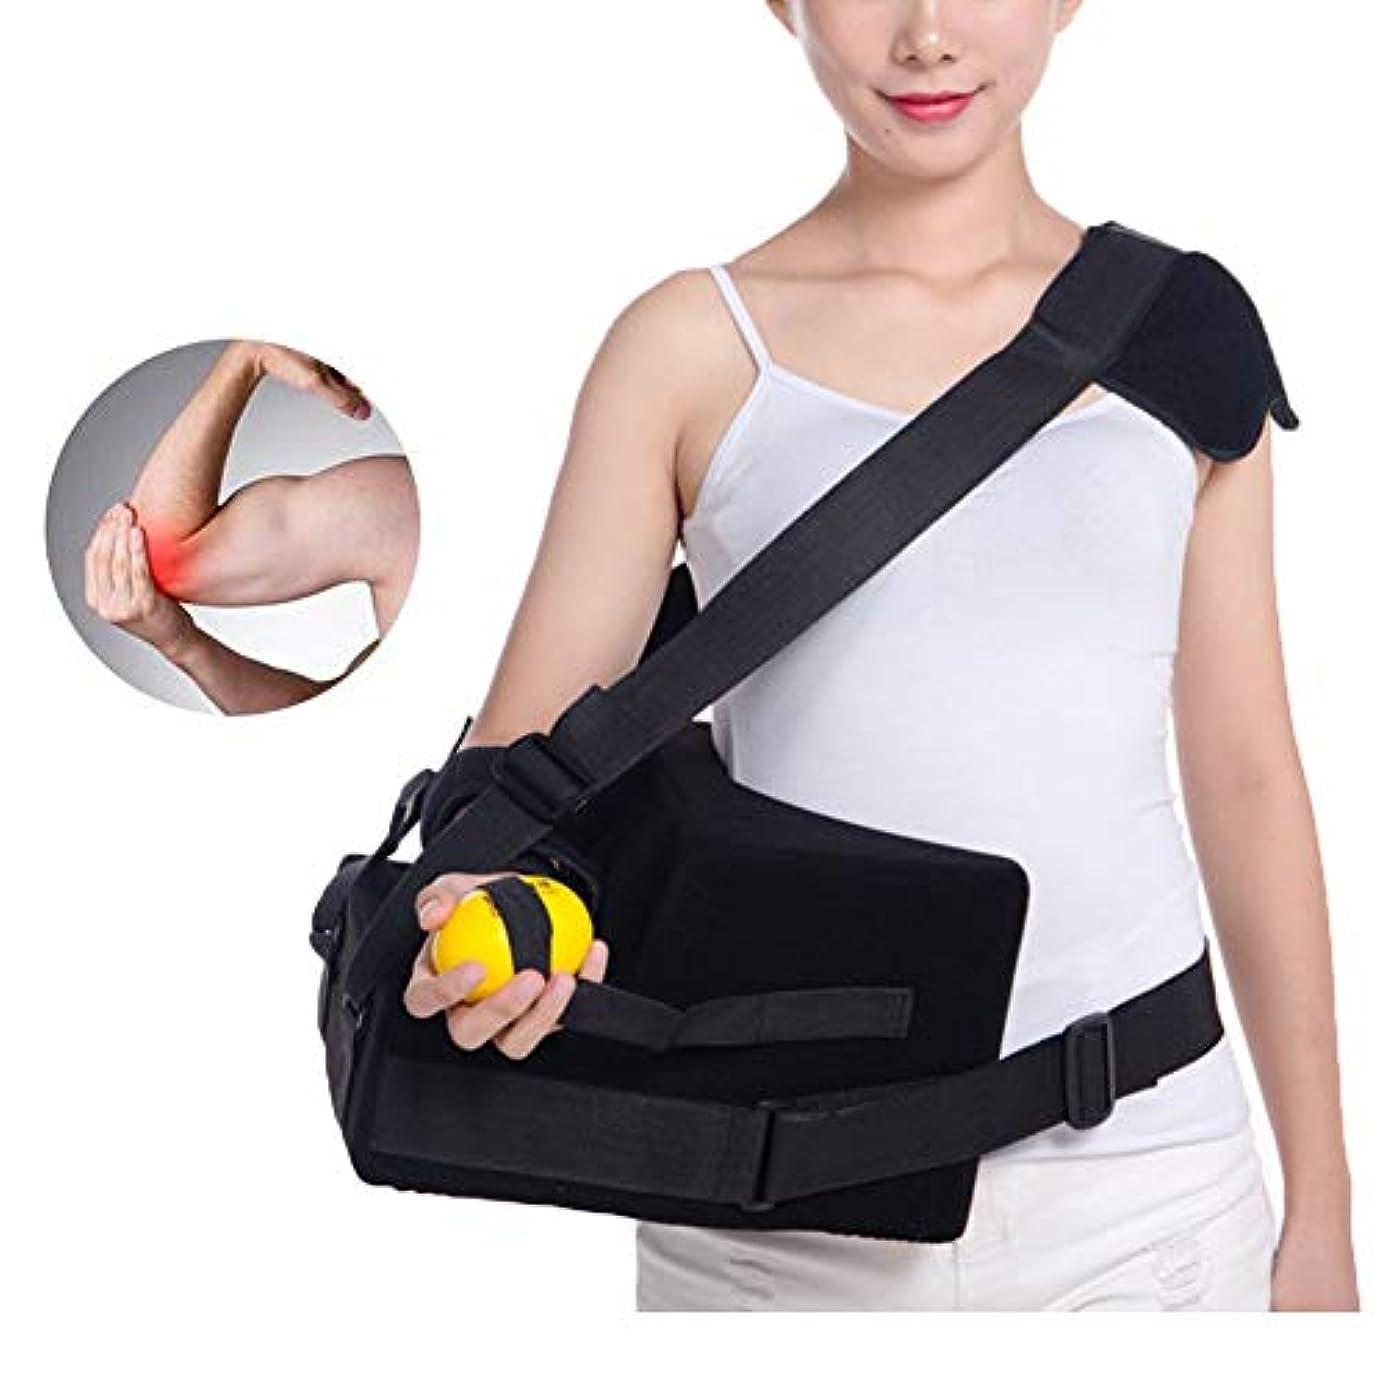 祝う海峡スナック腕のスリングの肘サポートブレース肩外転ベルト骨折、腕の骨折、手首、肘、肩のけがの軽減とサポート、ワンサイズ - ユニセックス